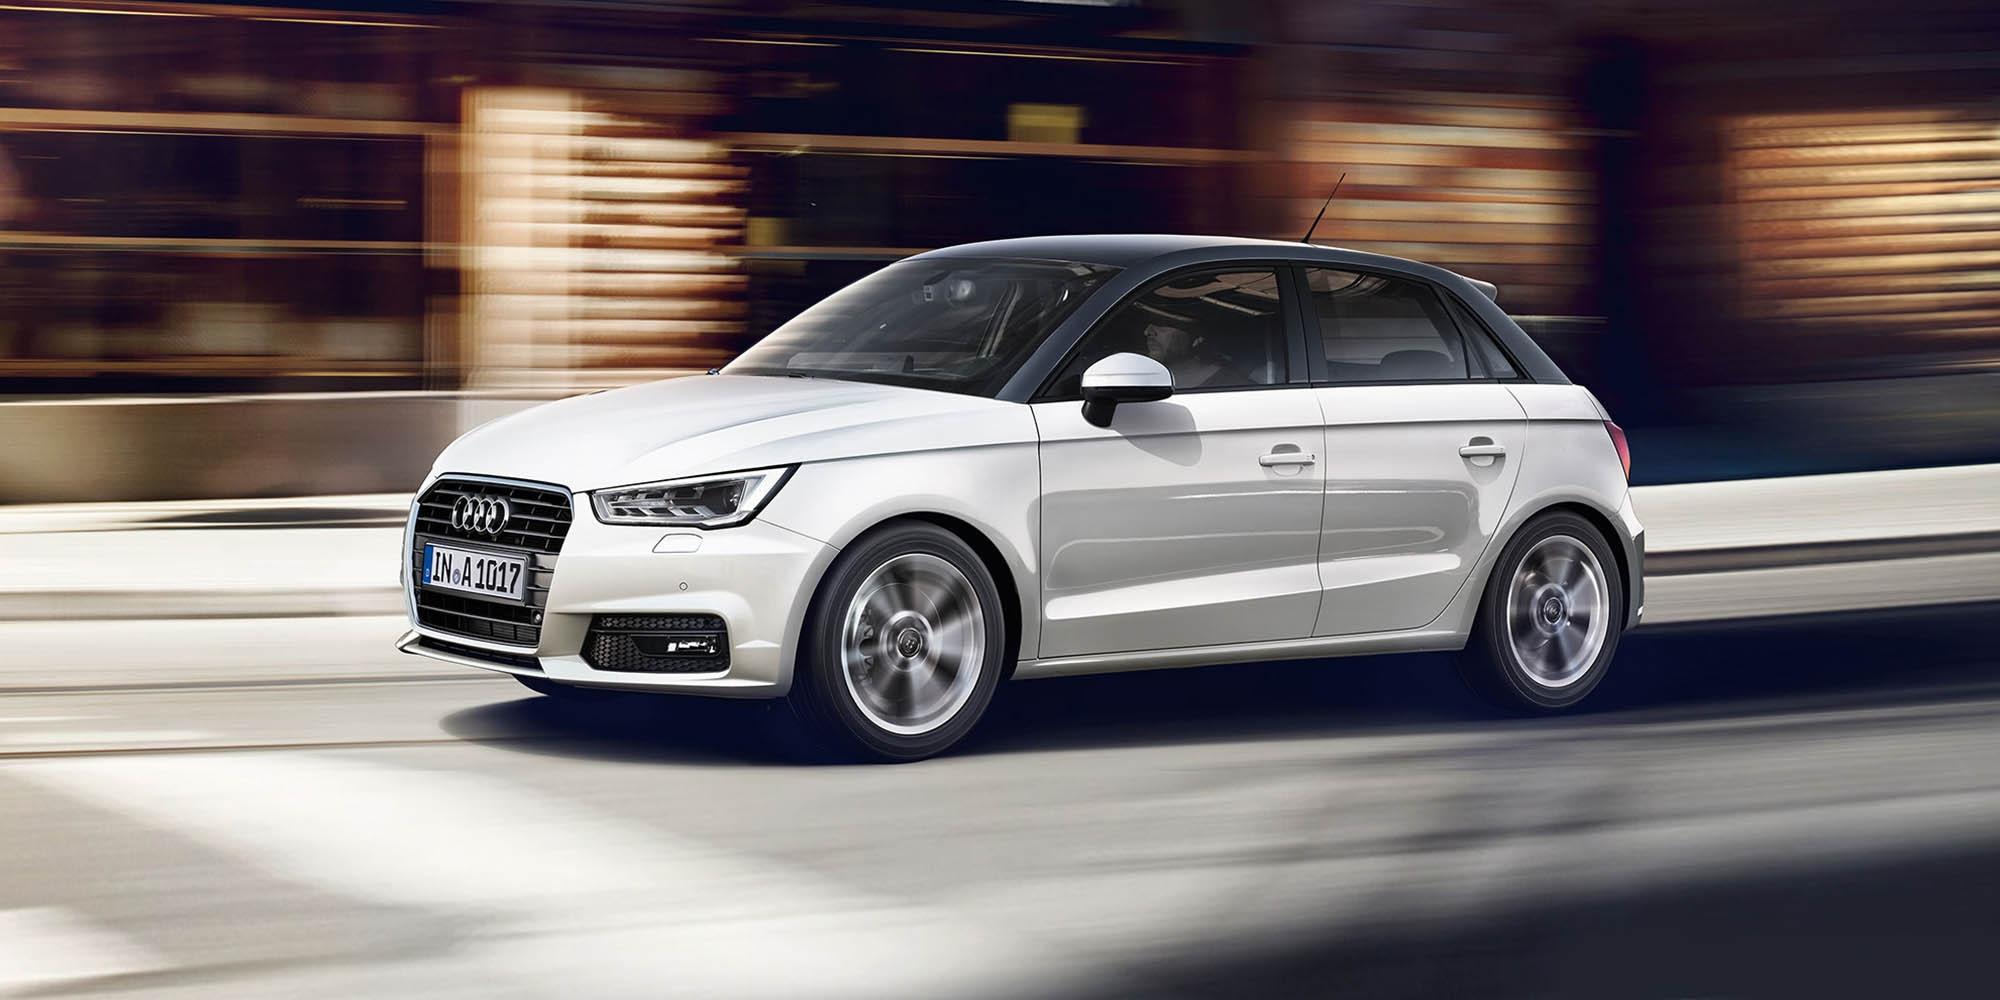 Audi A1 Solitaire Automotive Group